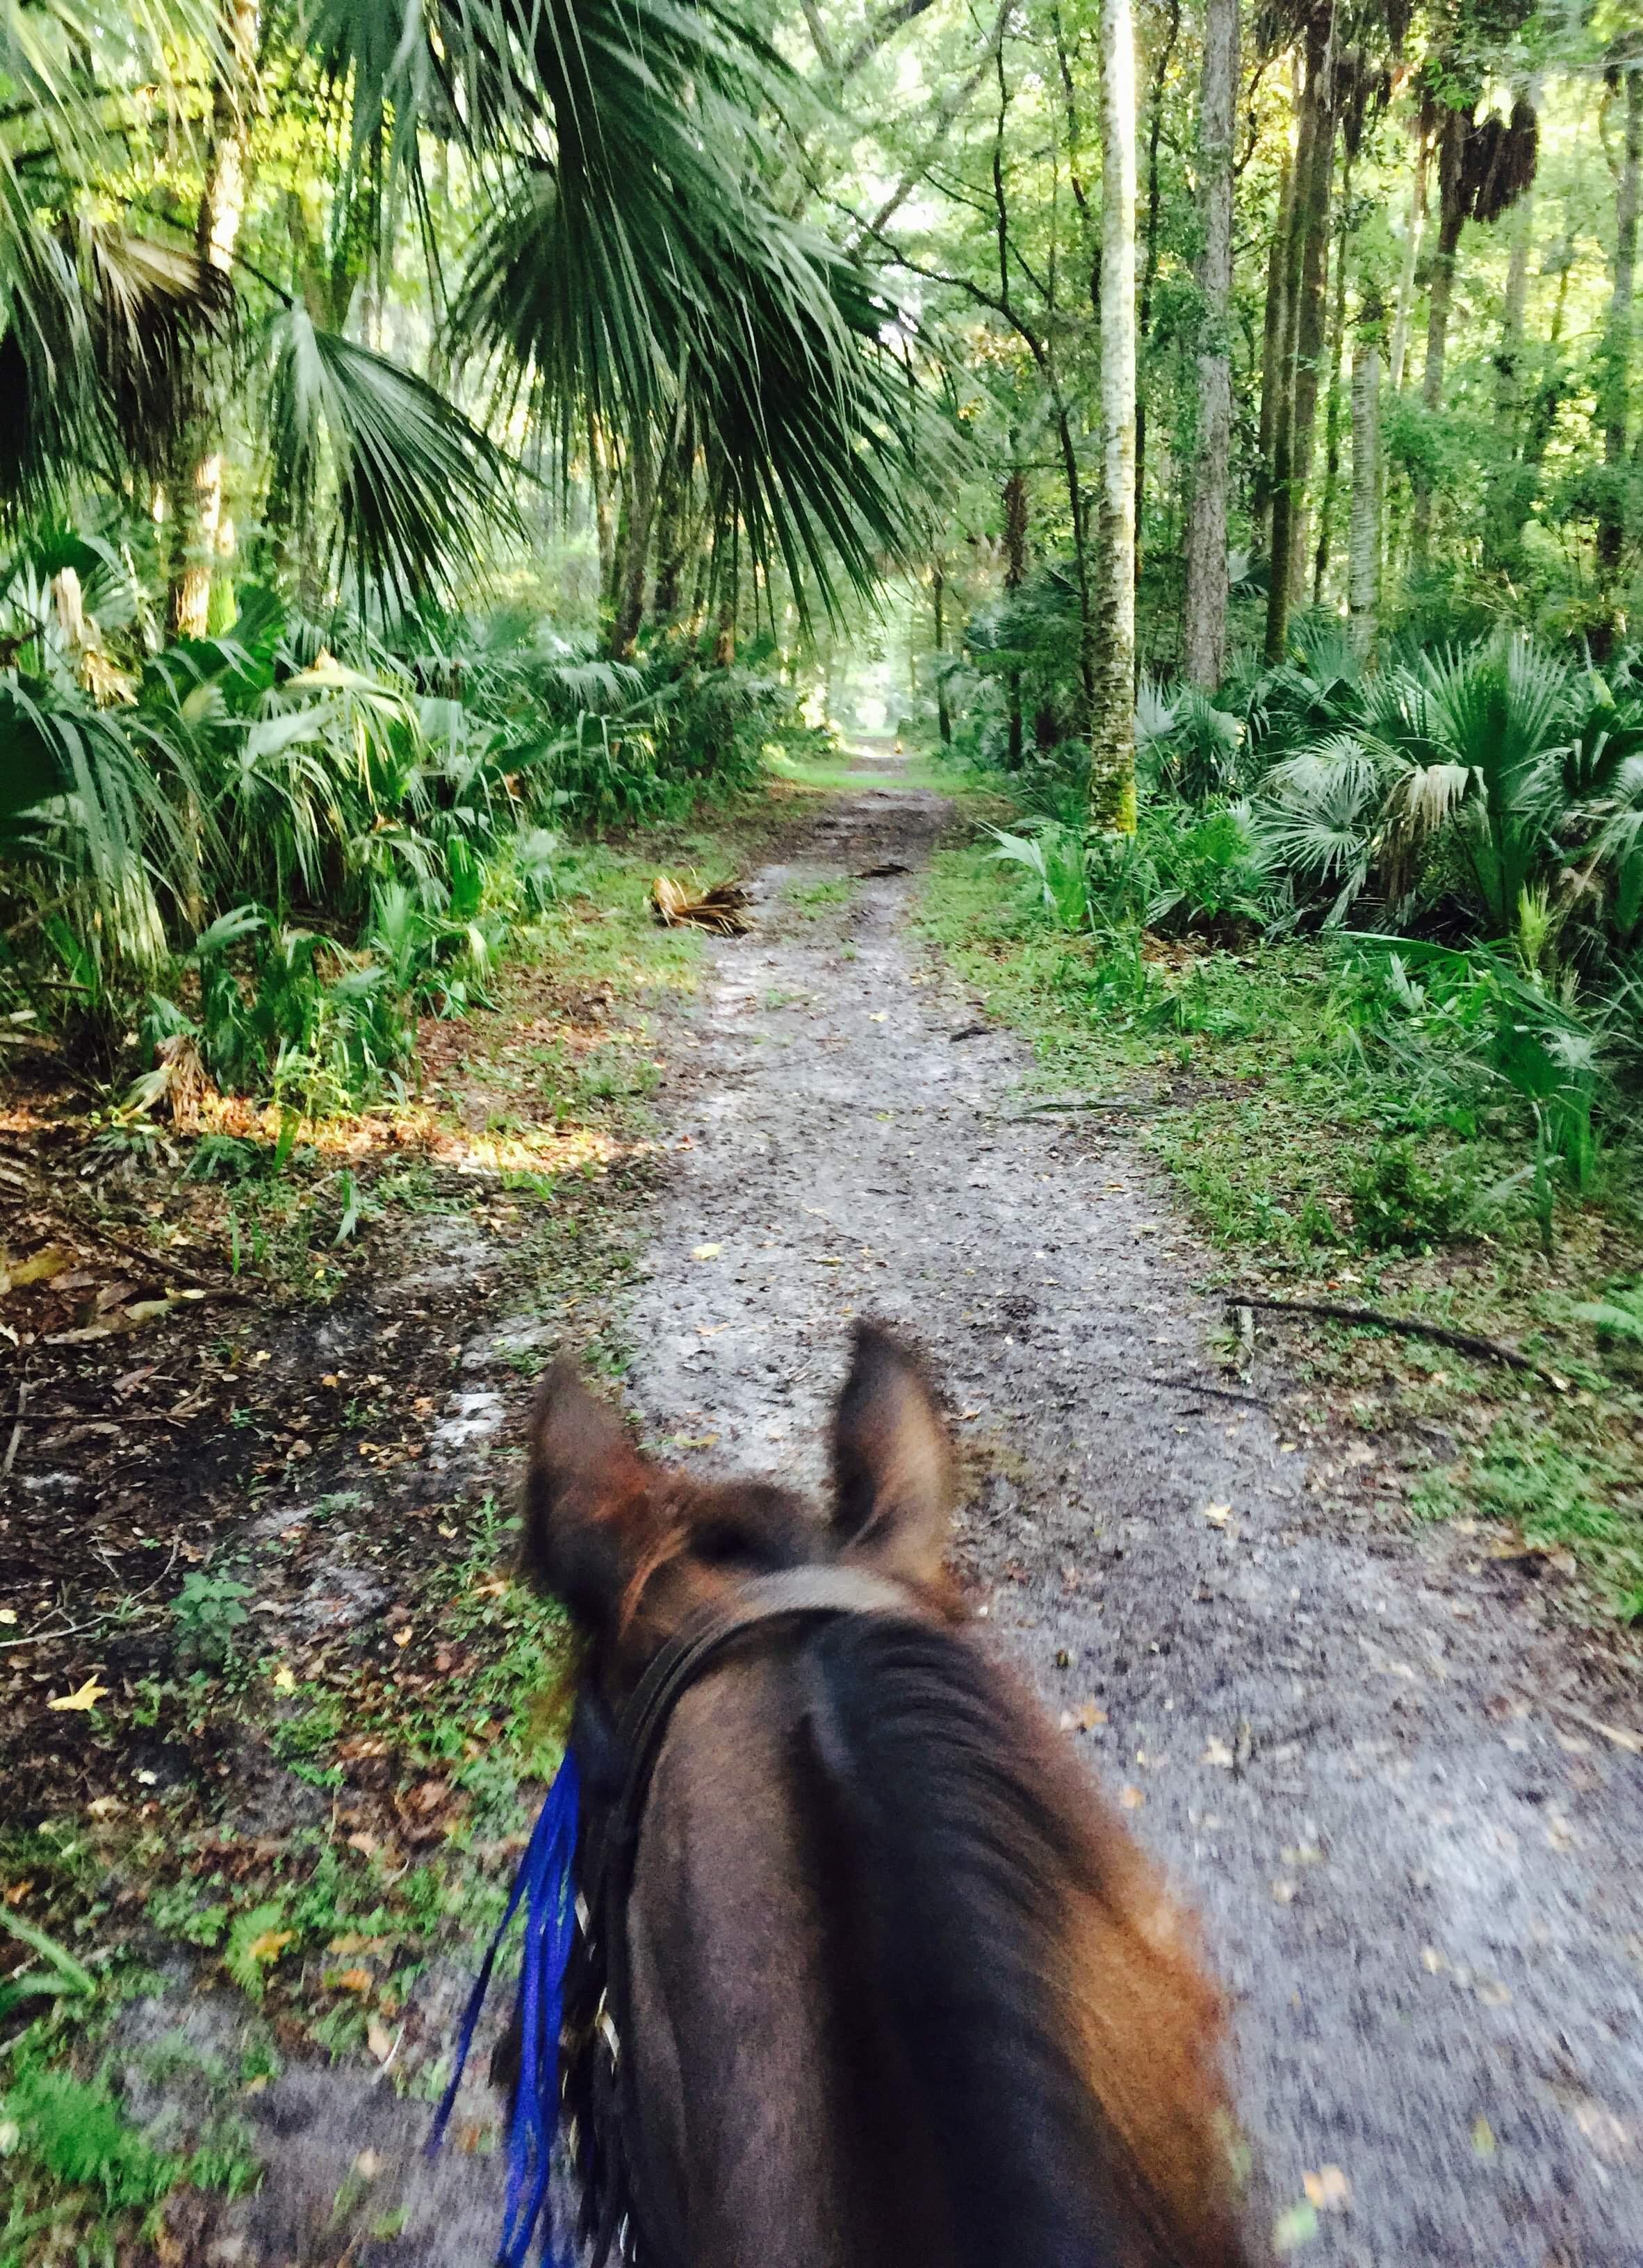 Horseback Riding At Fechtel Florida State Parks